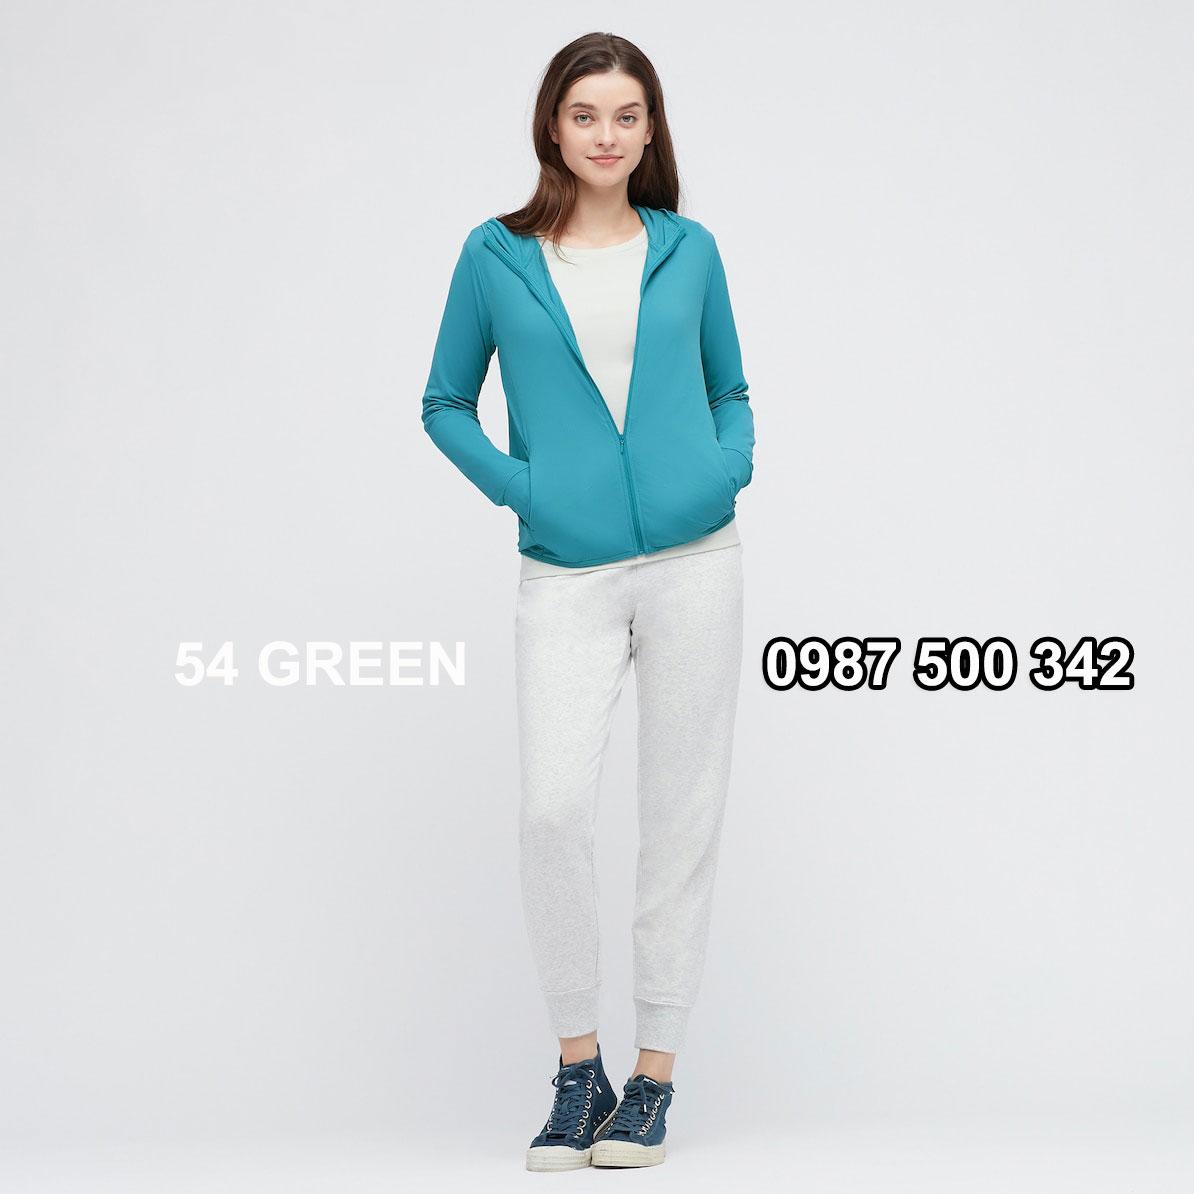 Áo chống nắng nữ Uniqlo AiRism 2021 màu xanh biển 54 GREEN 433703